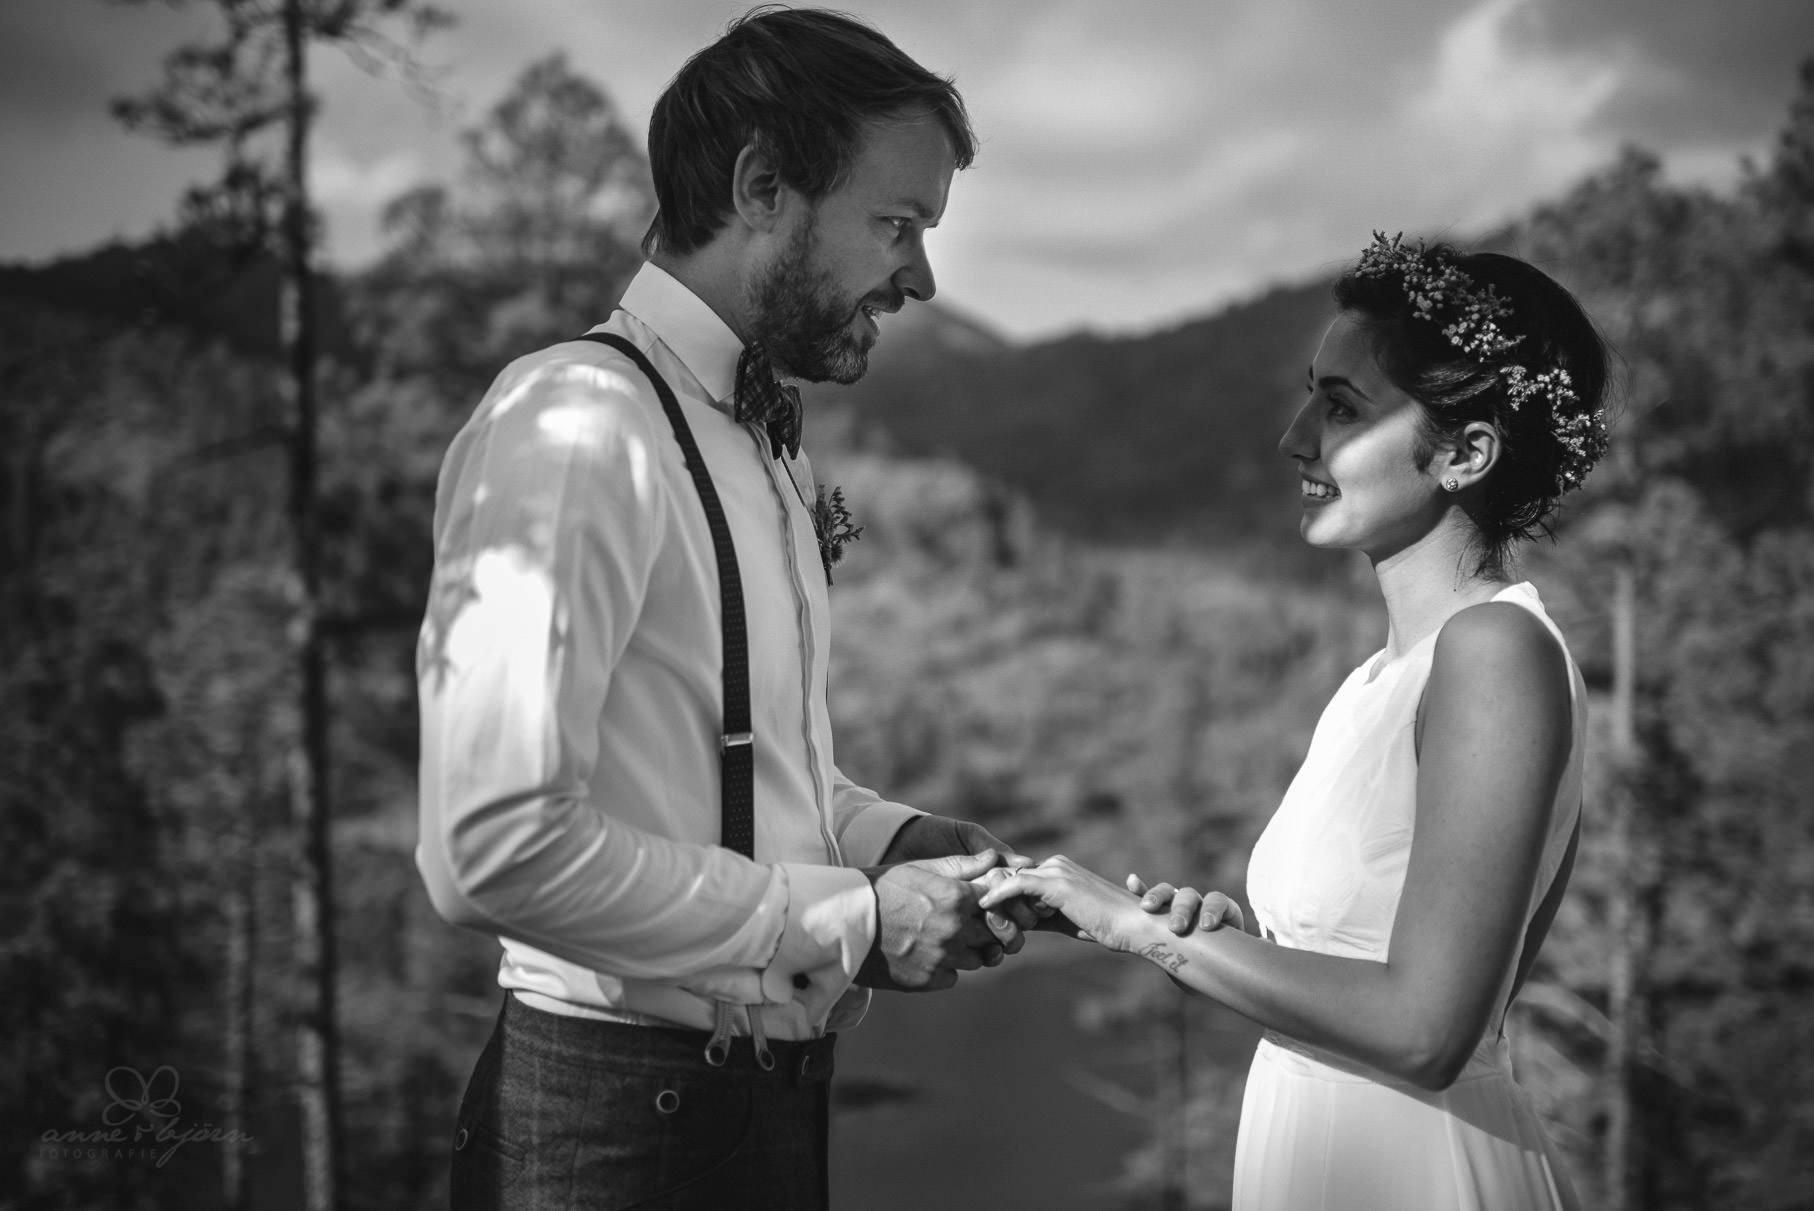 0083 lug d75 6622 bearbeitet - Hochzeit auf Gran Canaria - Linda & Gerald (Elopement)